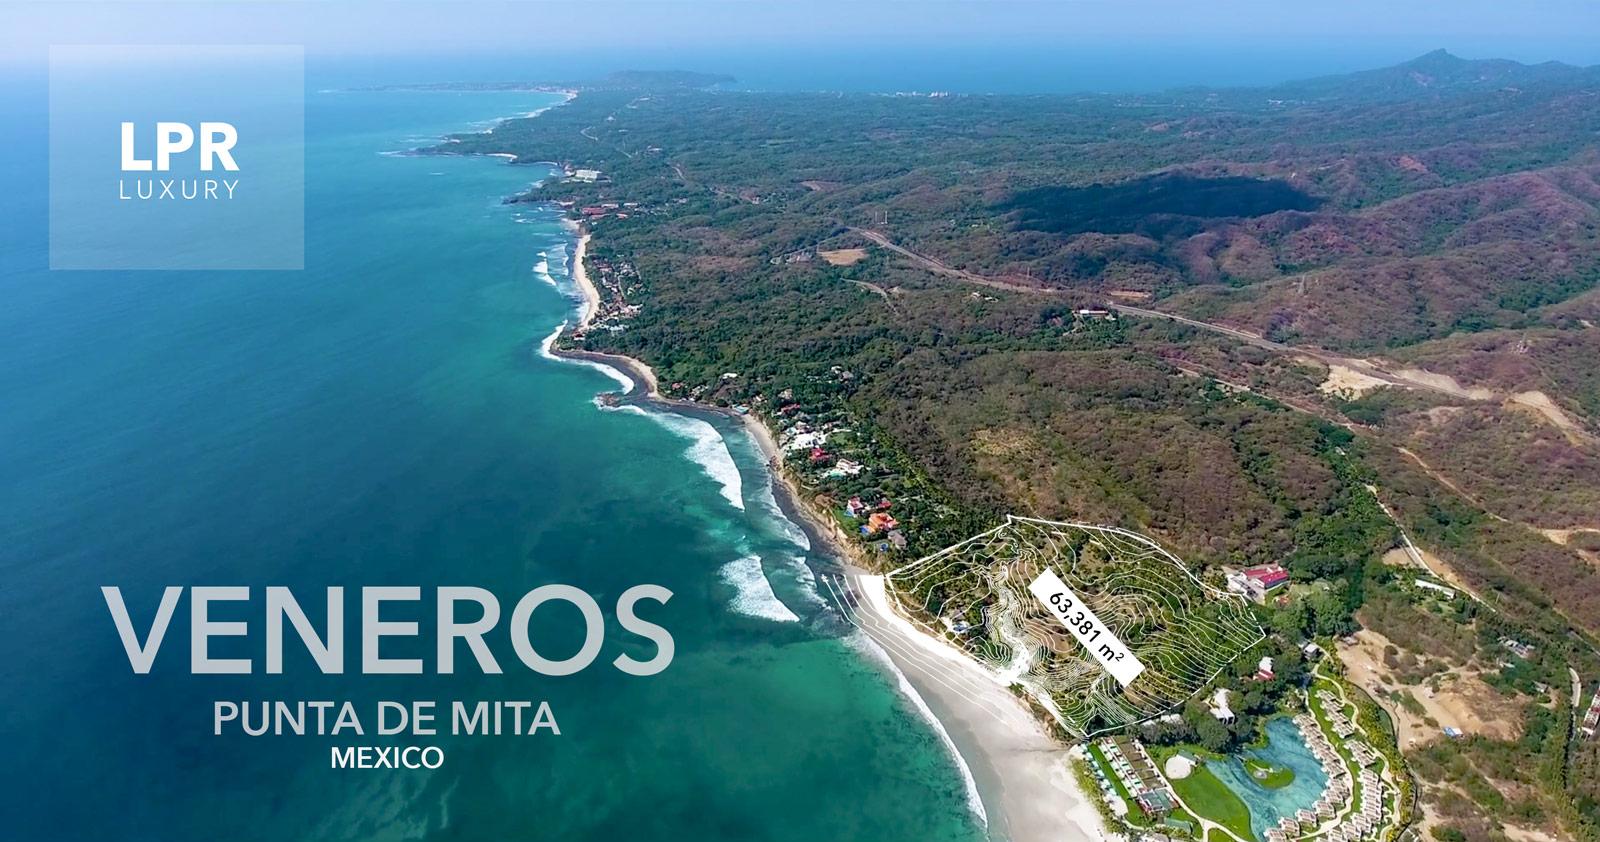 Los Veneros - Playa Bonito -Punta de Mita, Riviera Nayarit real estate - Mexico